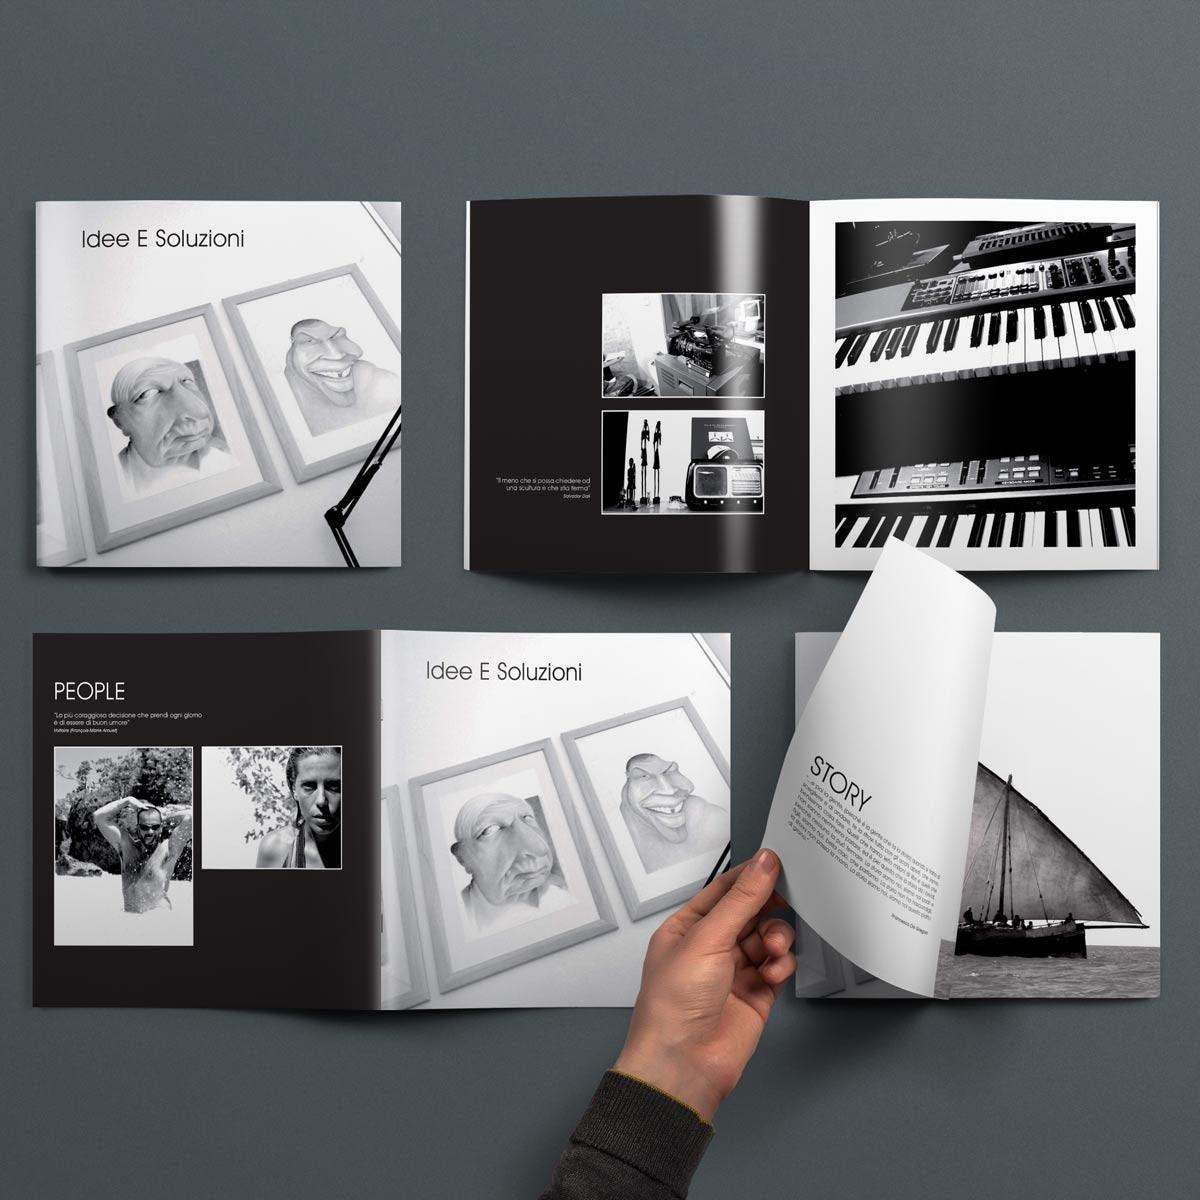 In Questa Immagine Il Mockup Della Brochure Realizzata Da Brochure Design Per Idee E Soluzioni Agenzia Marketing E Comunicazione